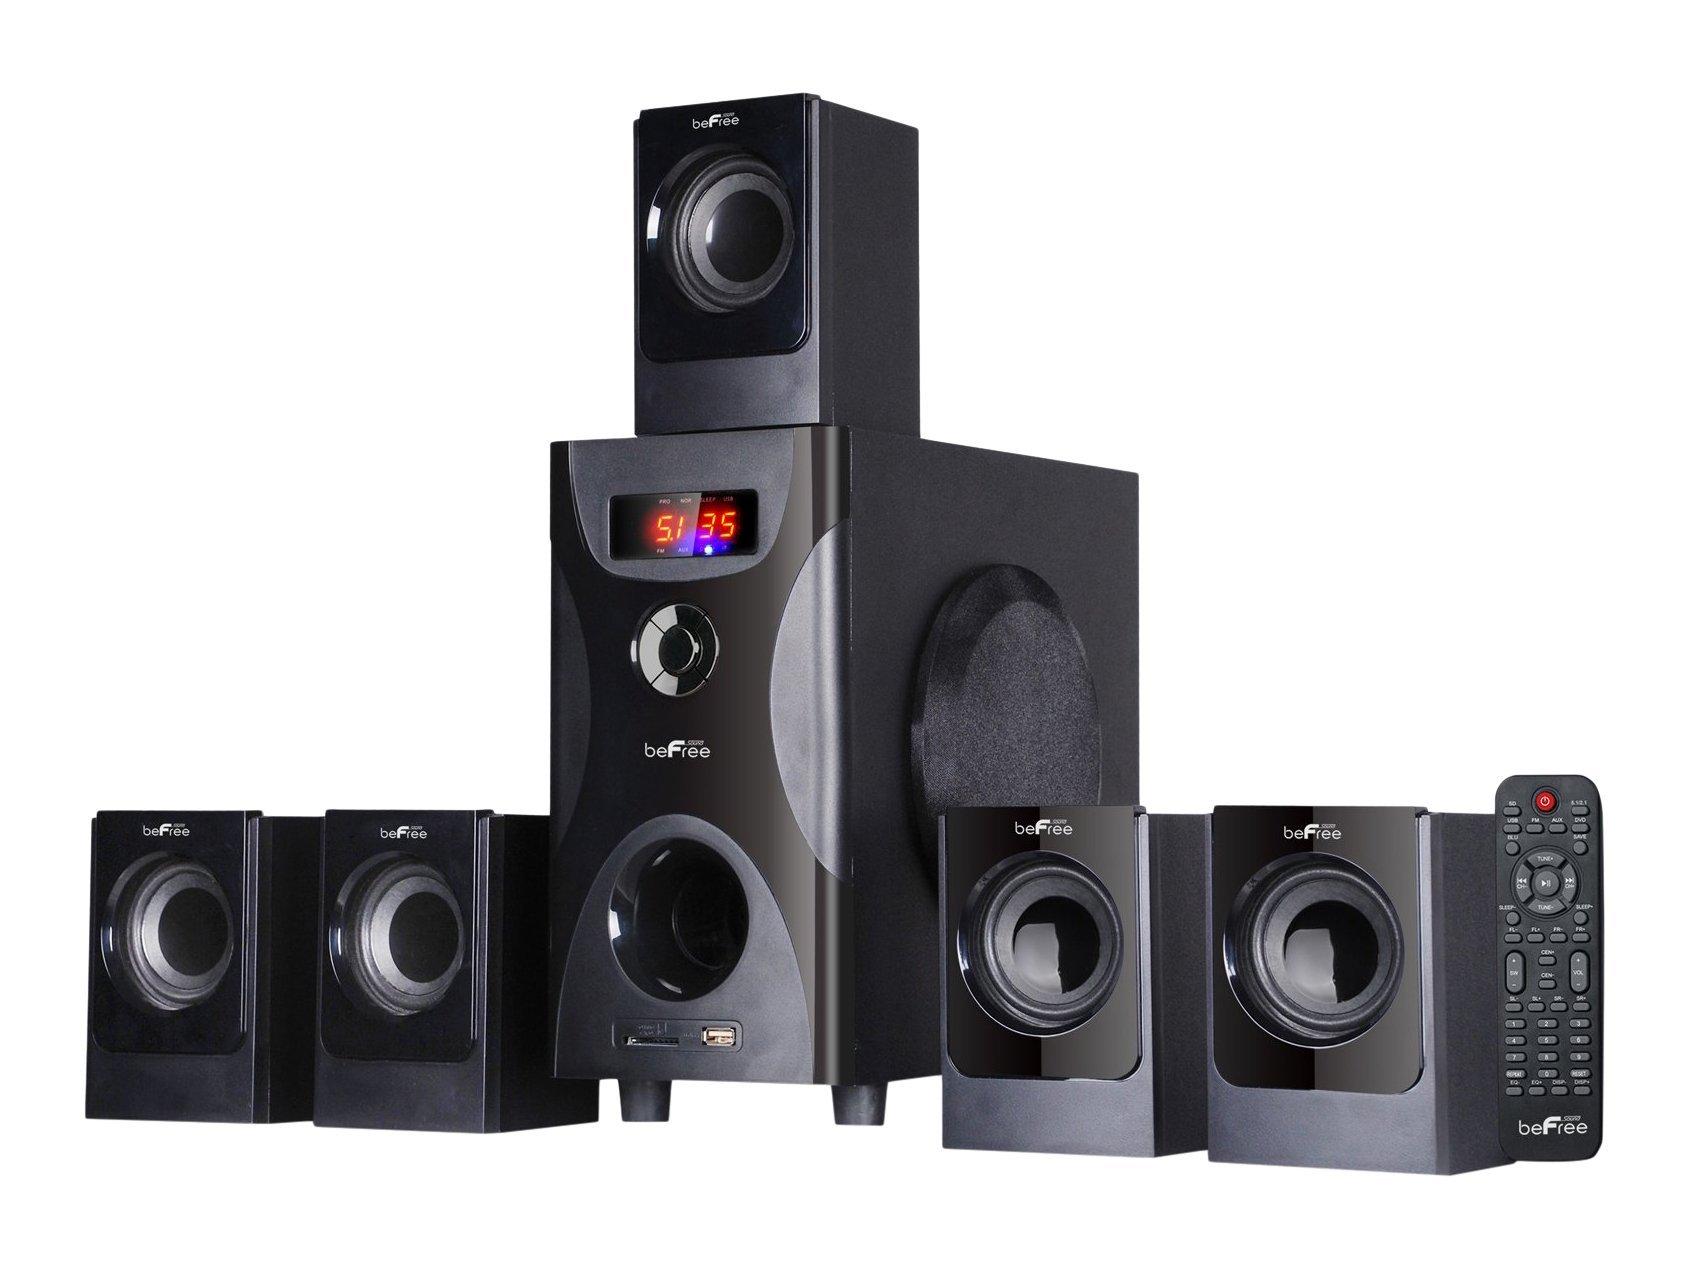 BEFREE SOUND BFS-425 Surround Sound Bluetooth Speaker System - Black by beFree Sound